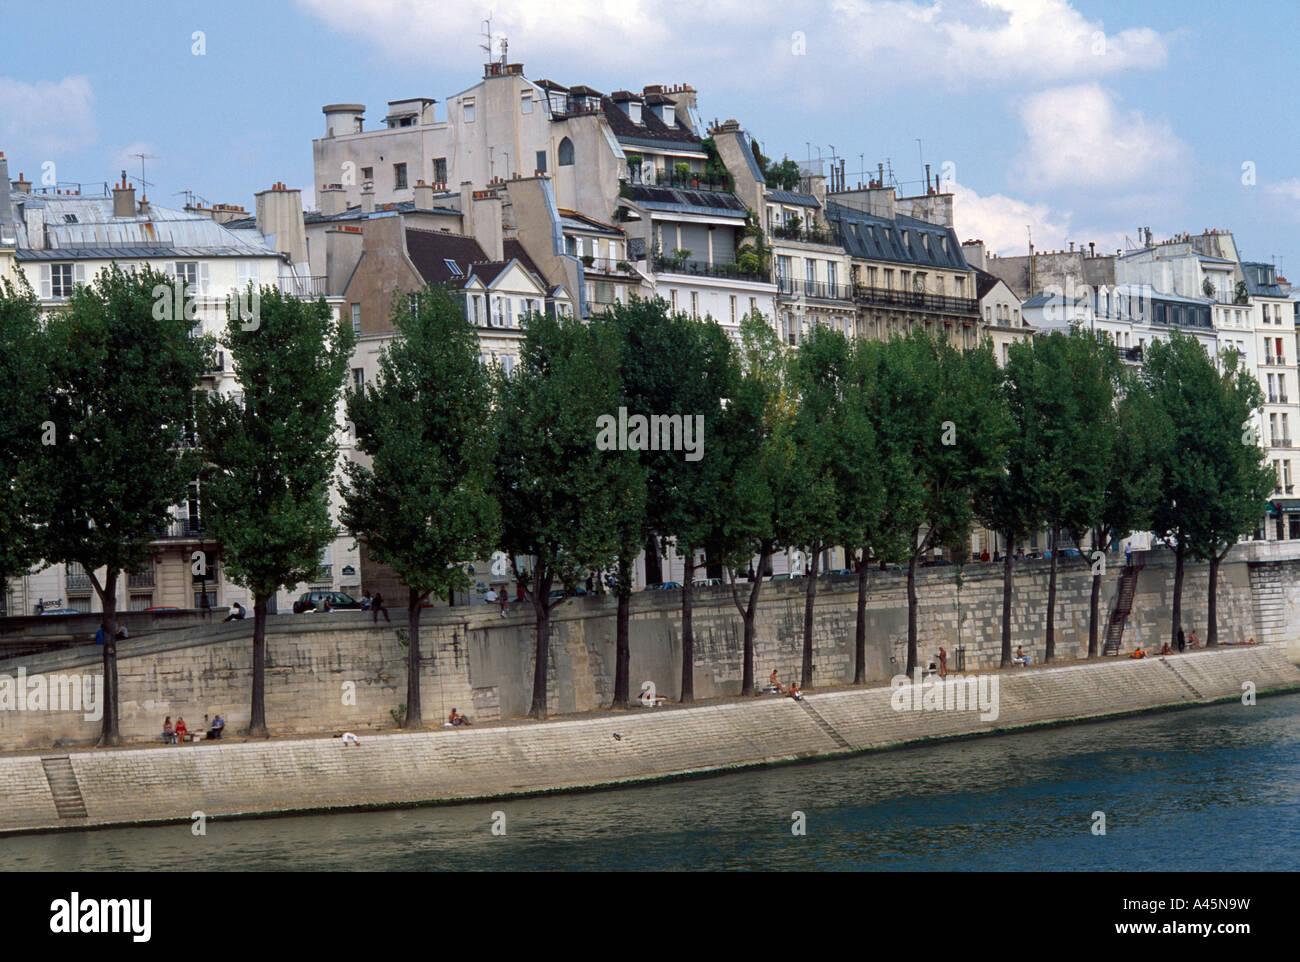 Paris France Ile St Louis River Seine - Stock Image